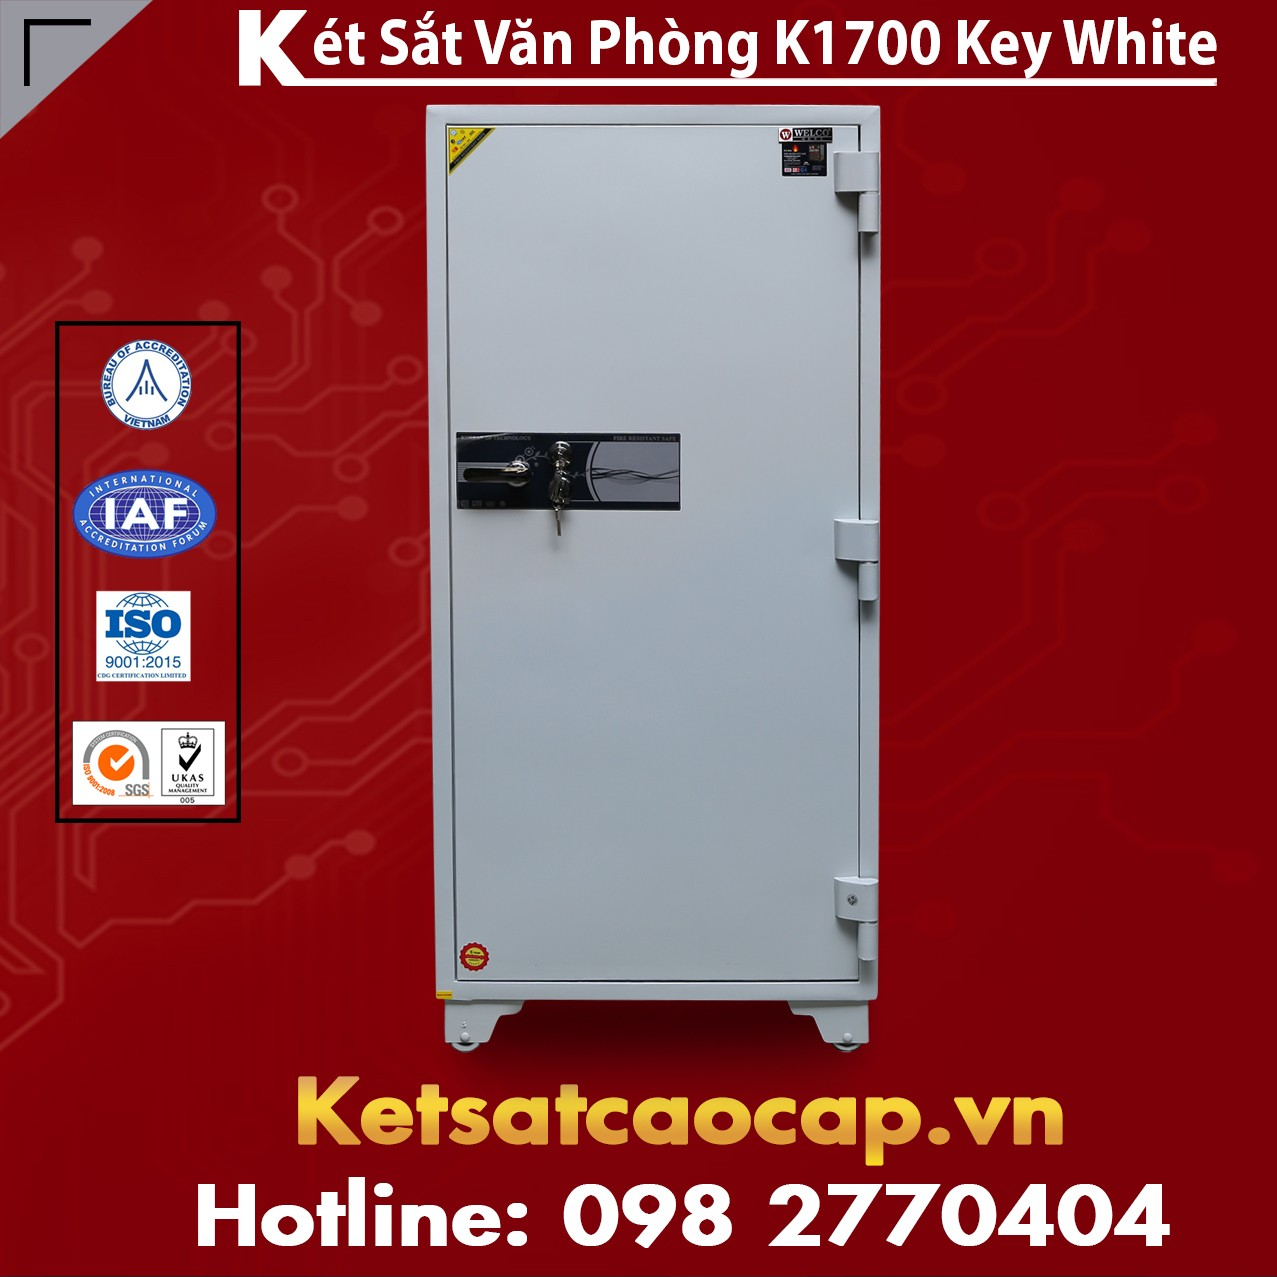 Két Sắt Văn Phòng K1700 KEY WHITE Cao Cấp Giá Rẻ Nhất Ở Thị Trường